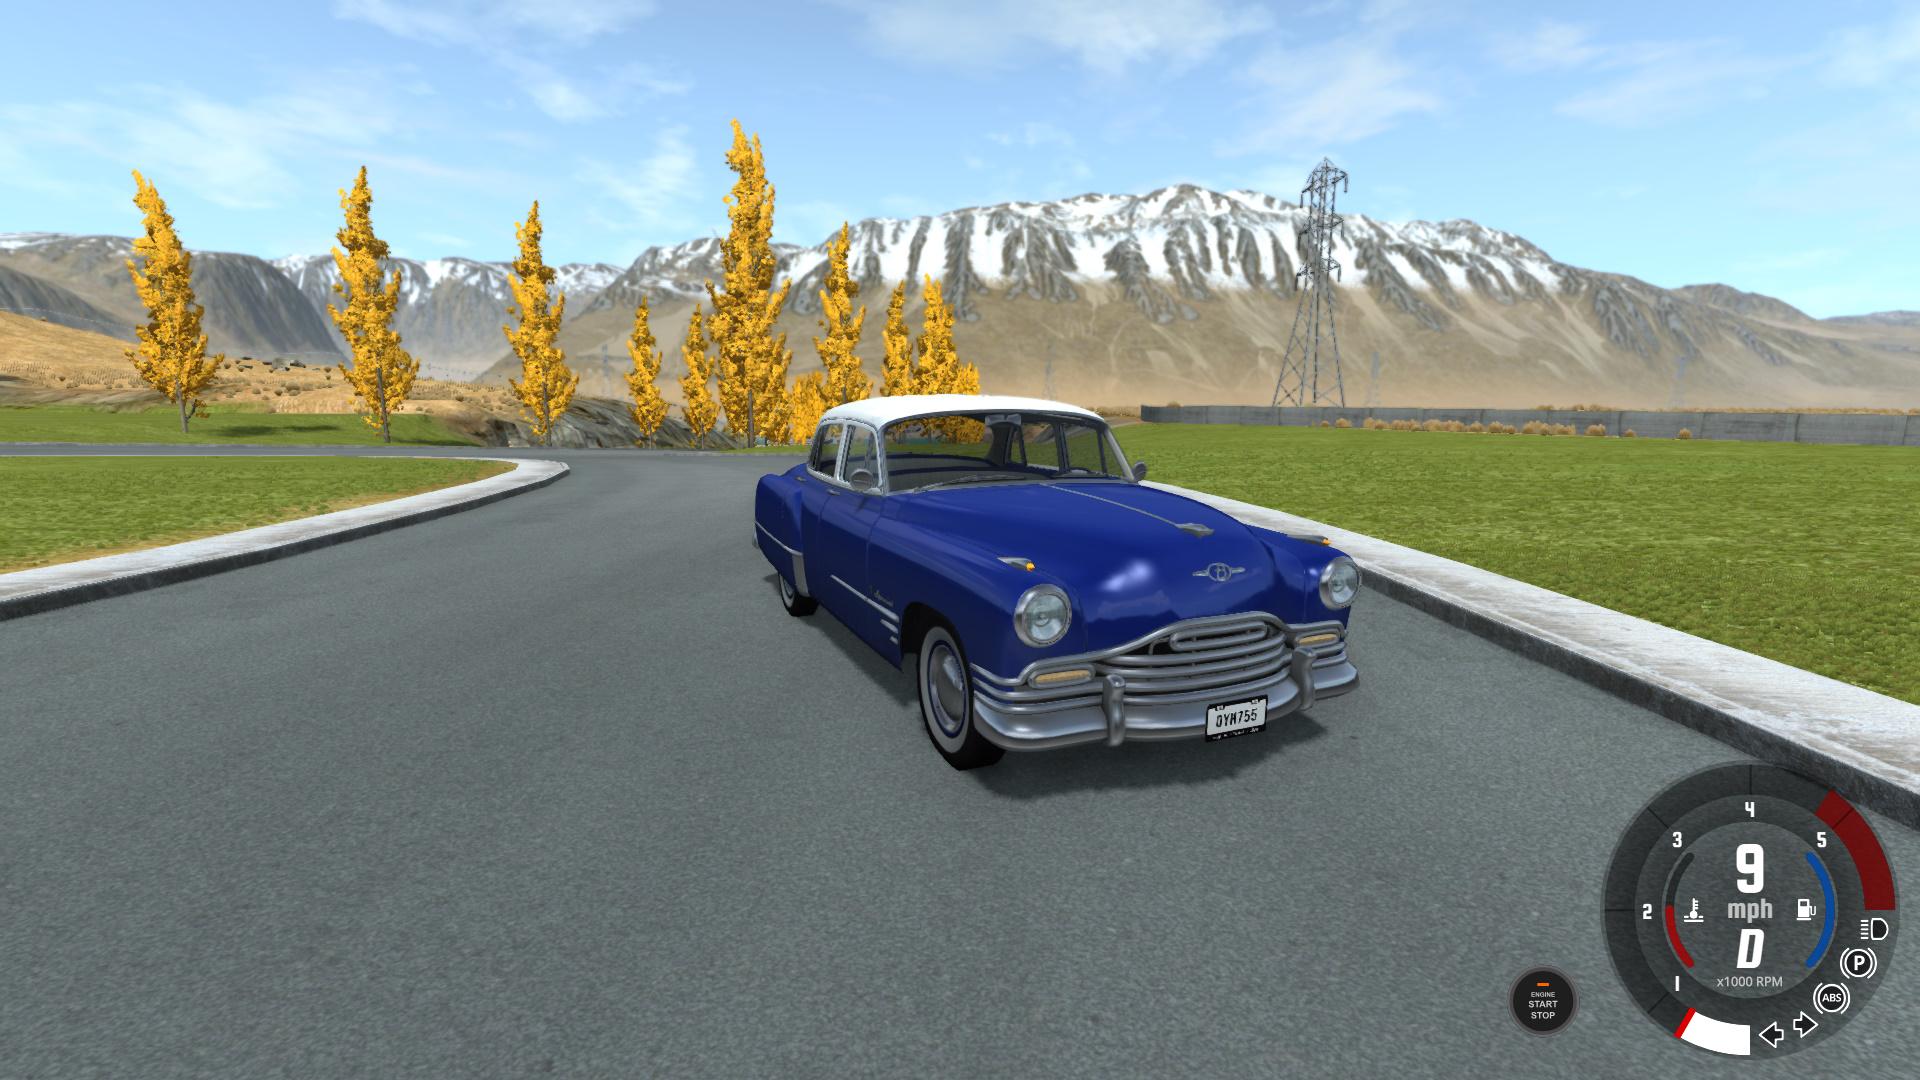 BeamNG - Burnside Special Limousine V1.1